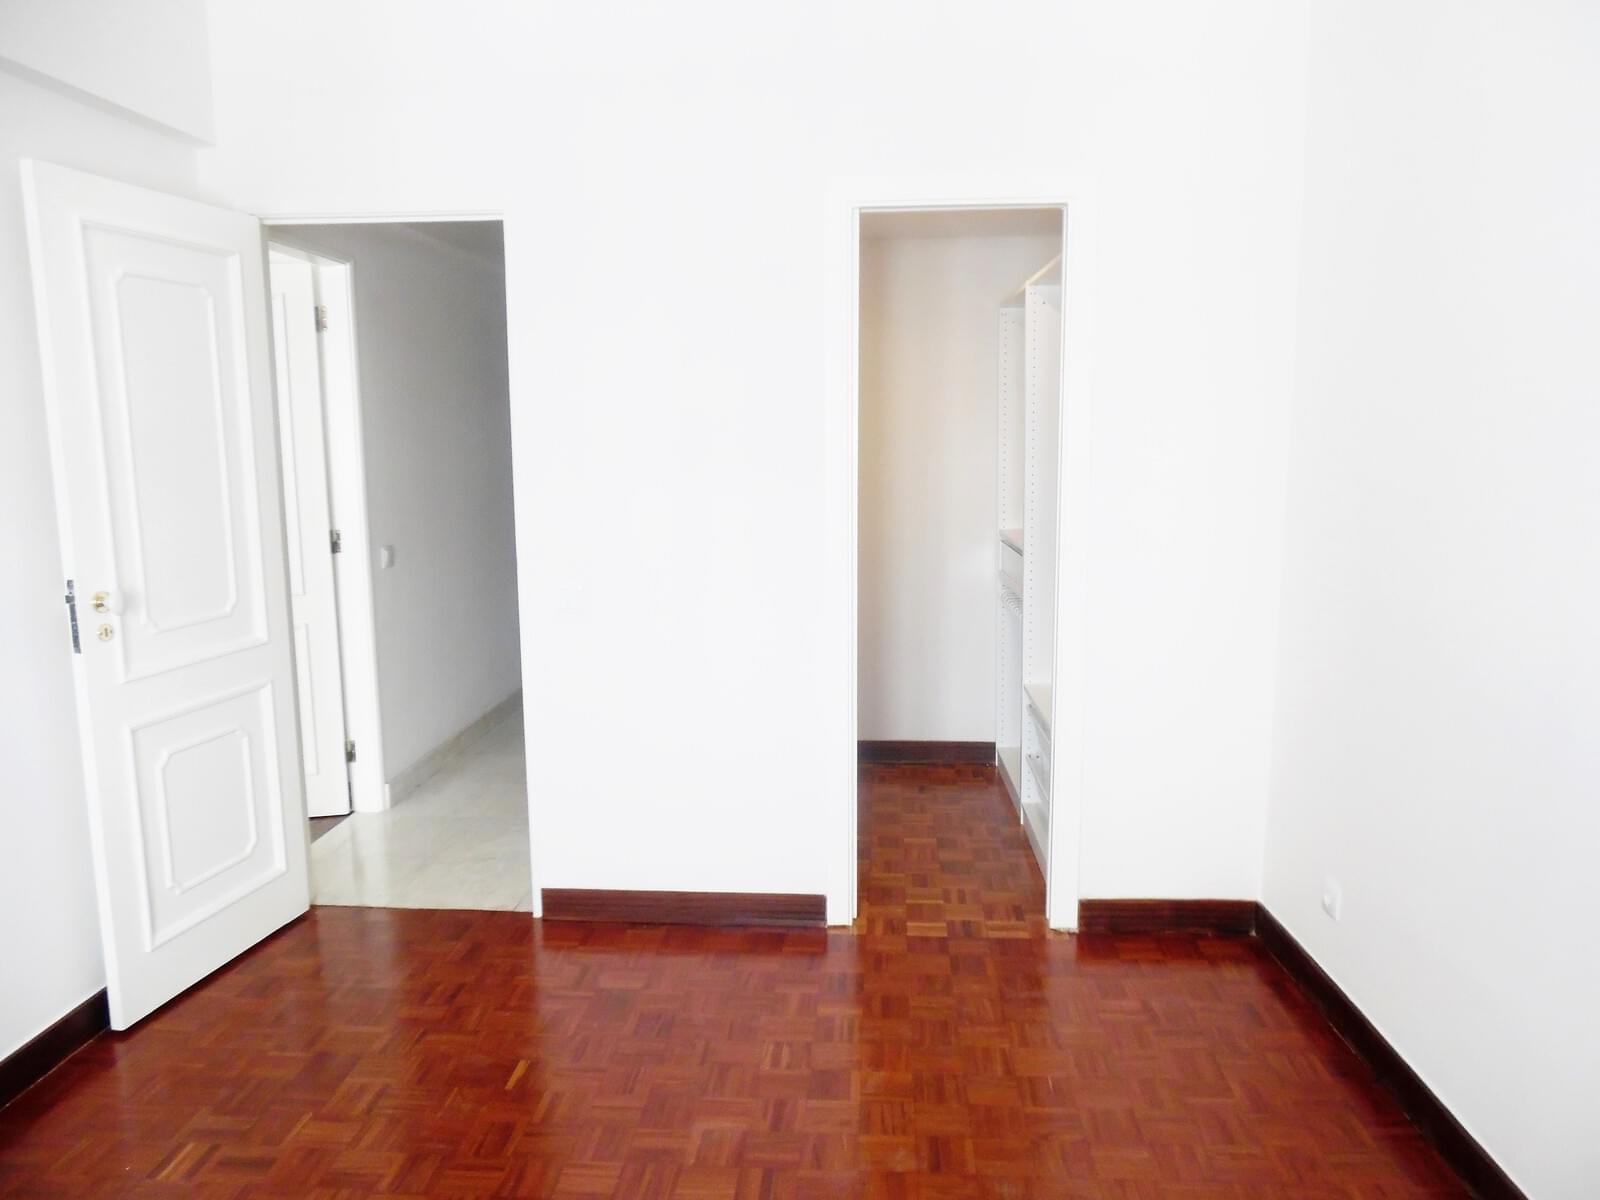 pf17621-apartamento-t4-lisboa-5bbd4bf3-6375-40de-bece-25c442d13416